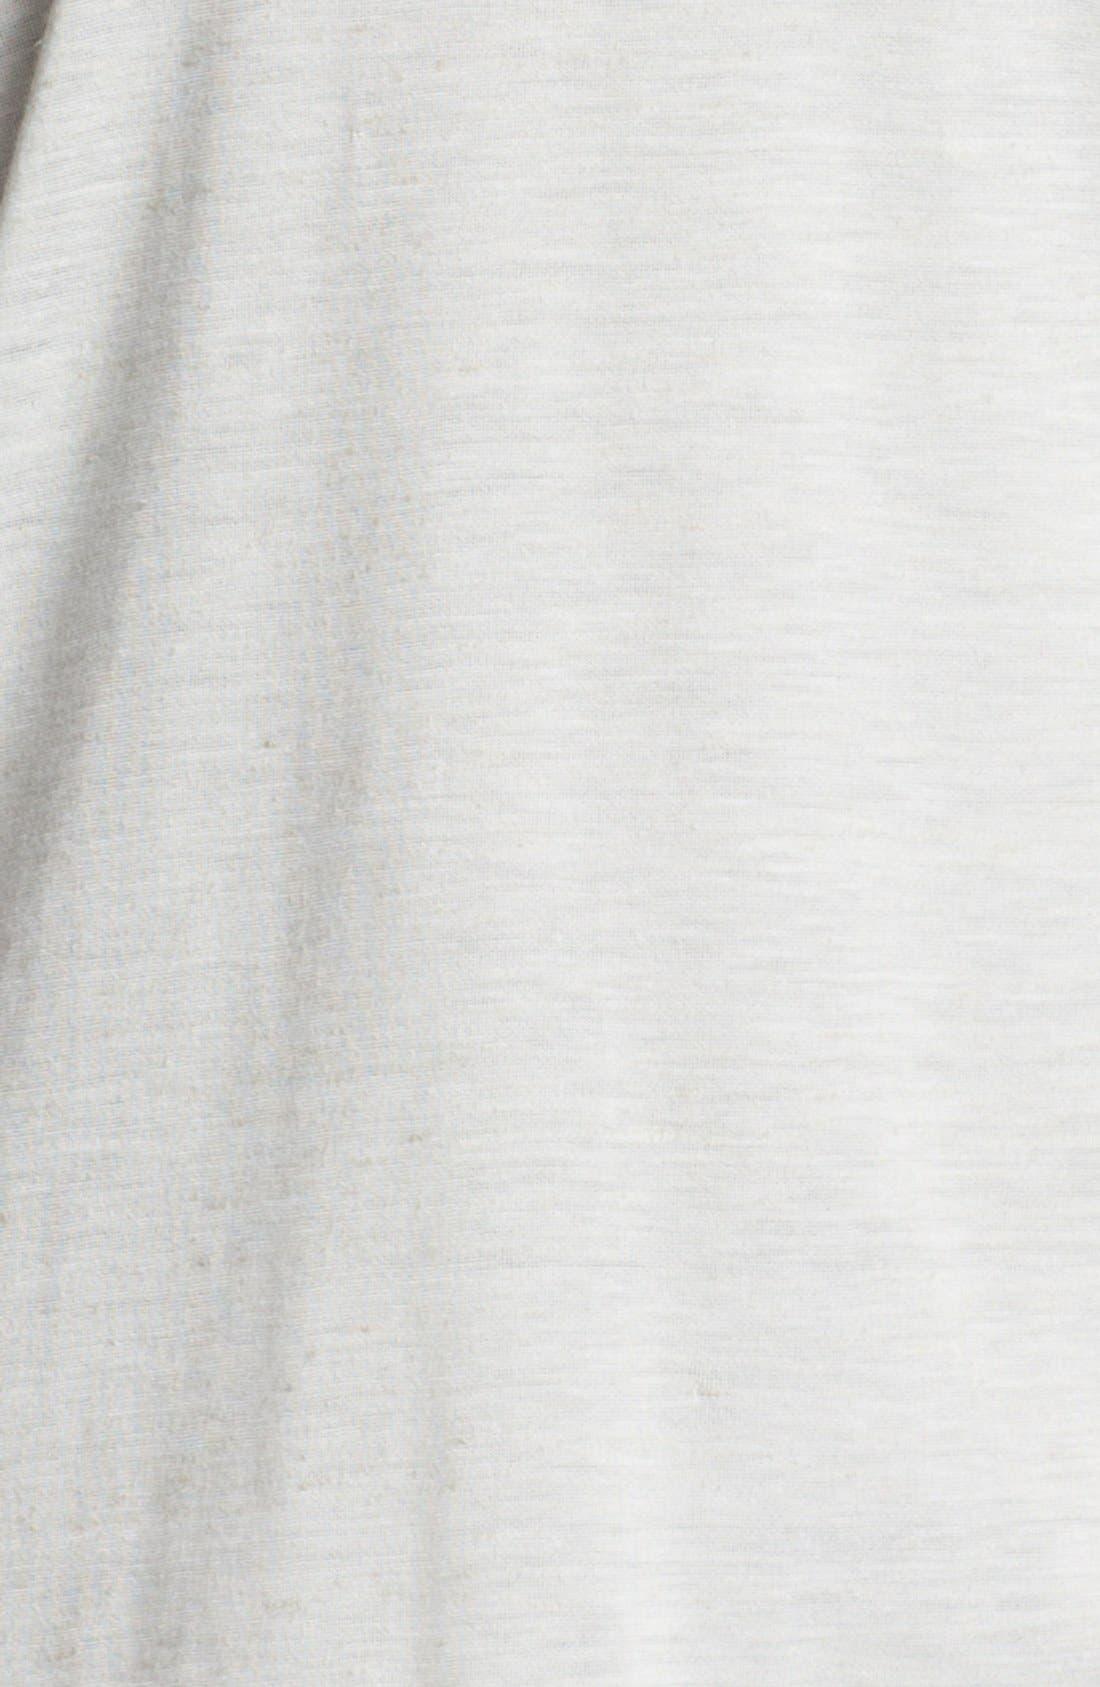 Alternate Image 3  - Pleione Contrast Trim Wedge Top